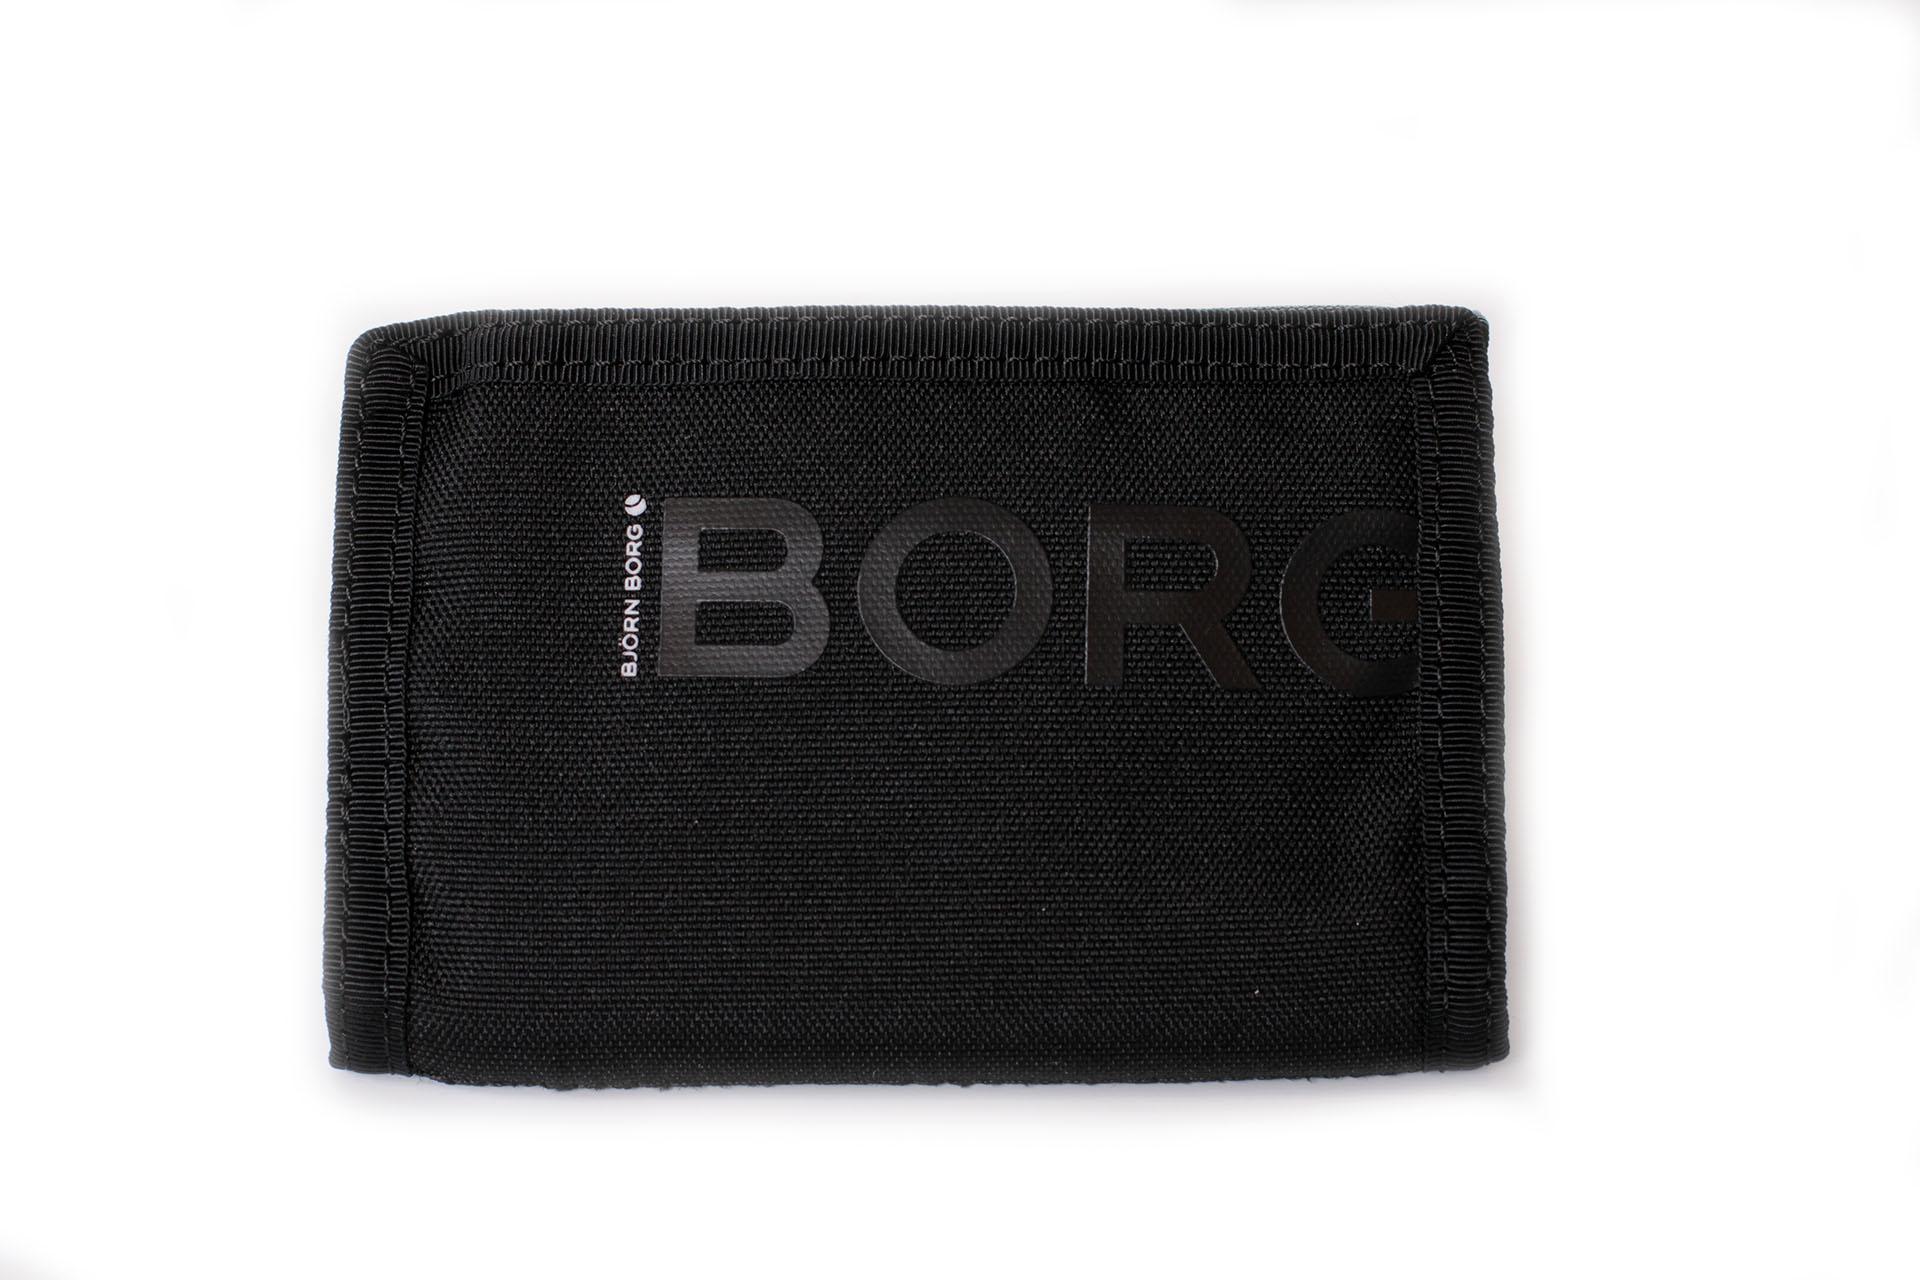 Björn Borg Wallet Fekete Unisex Pénztárca 2bef8564ac